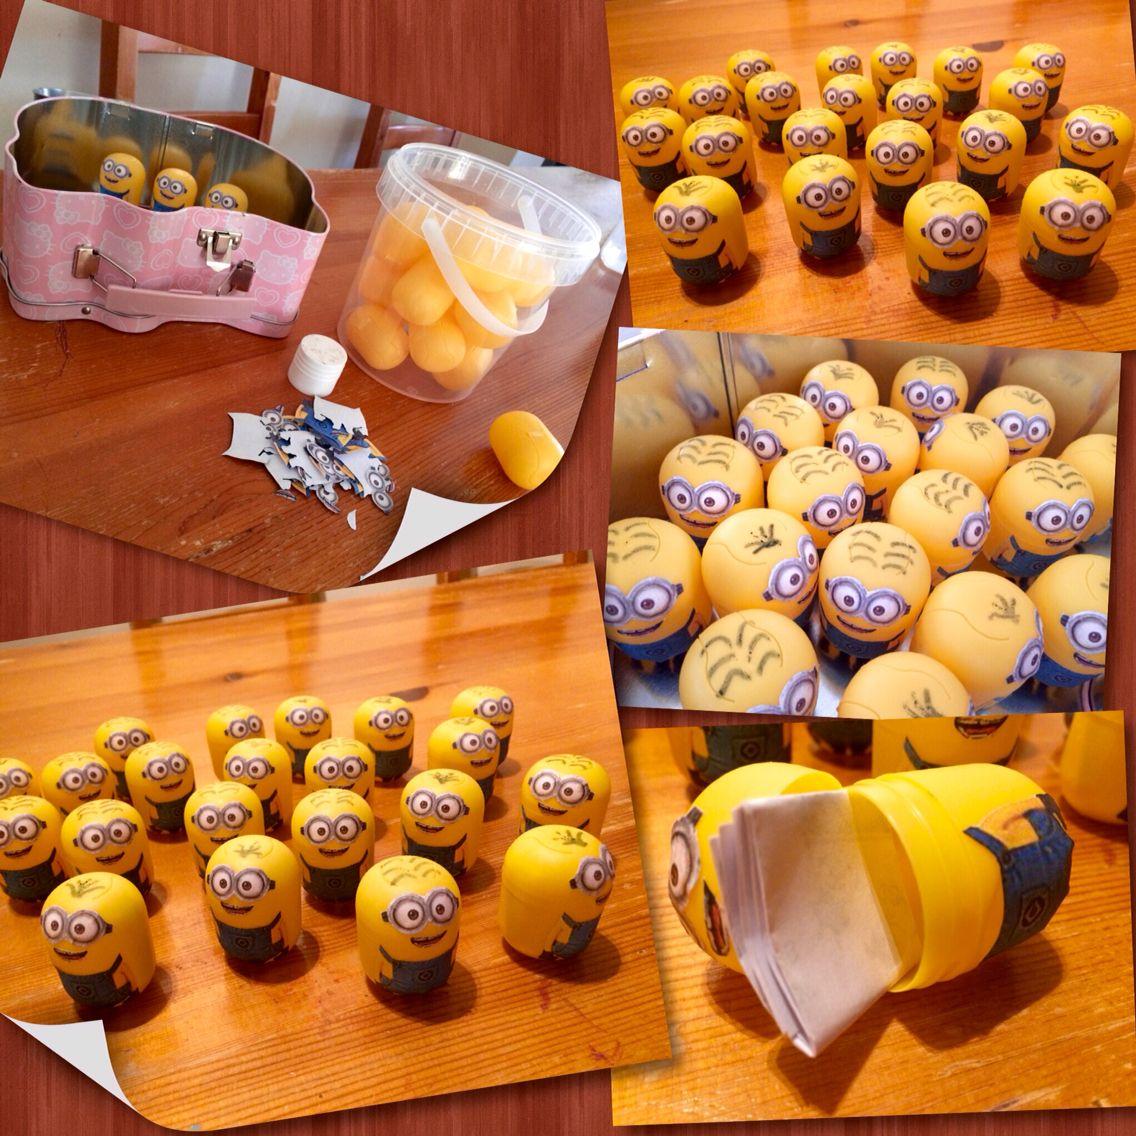 Minion Kinder Egg Birthday Party Invitation I made this invitation ...